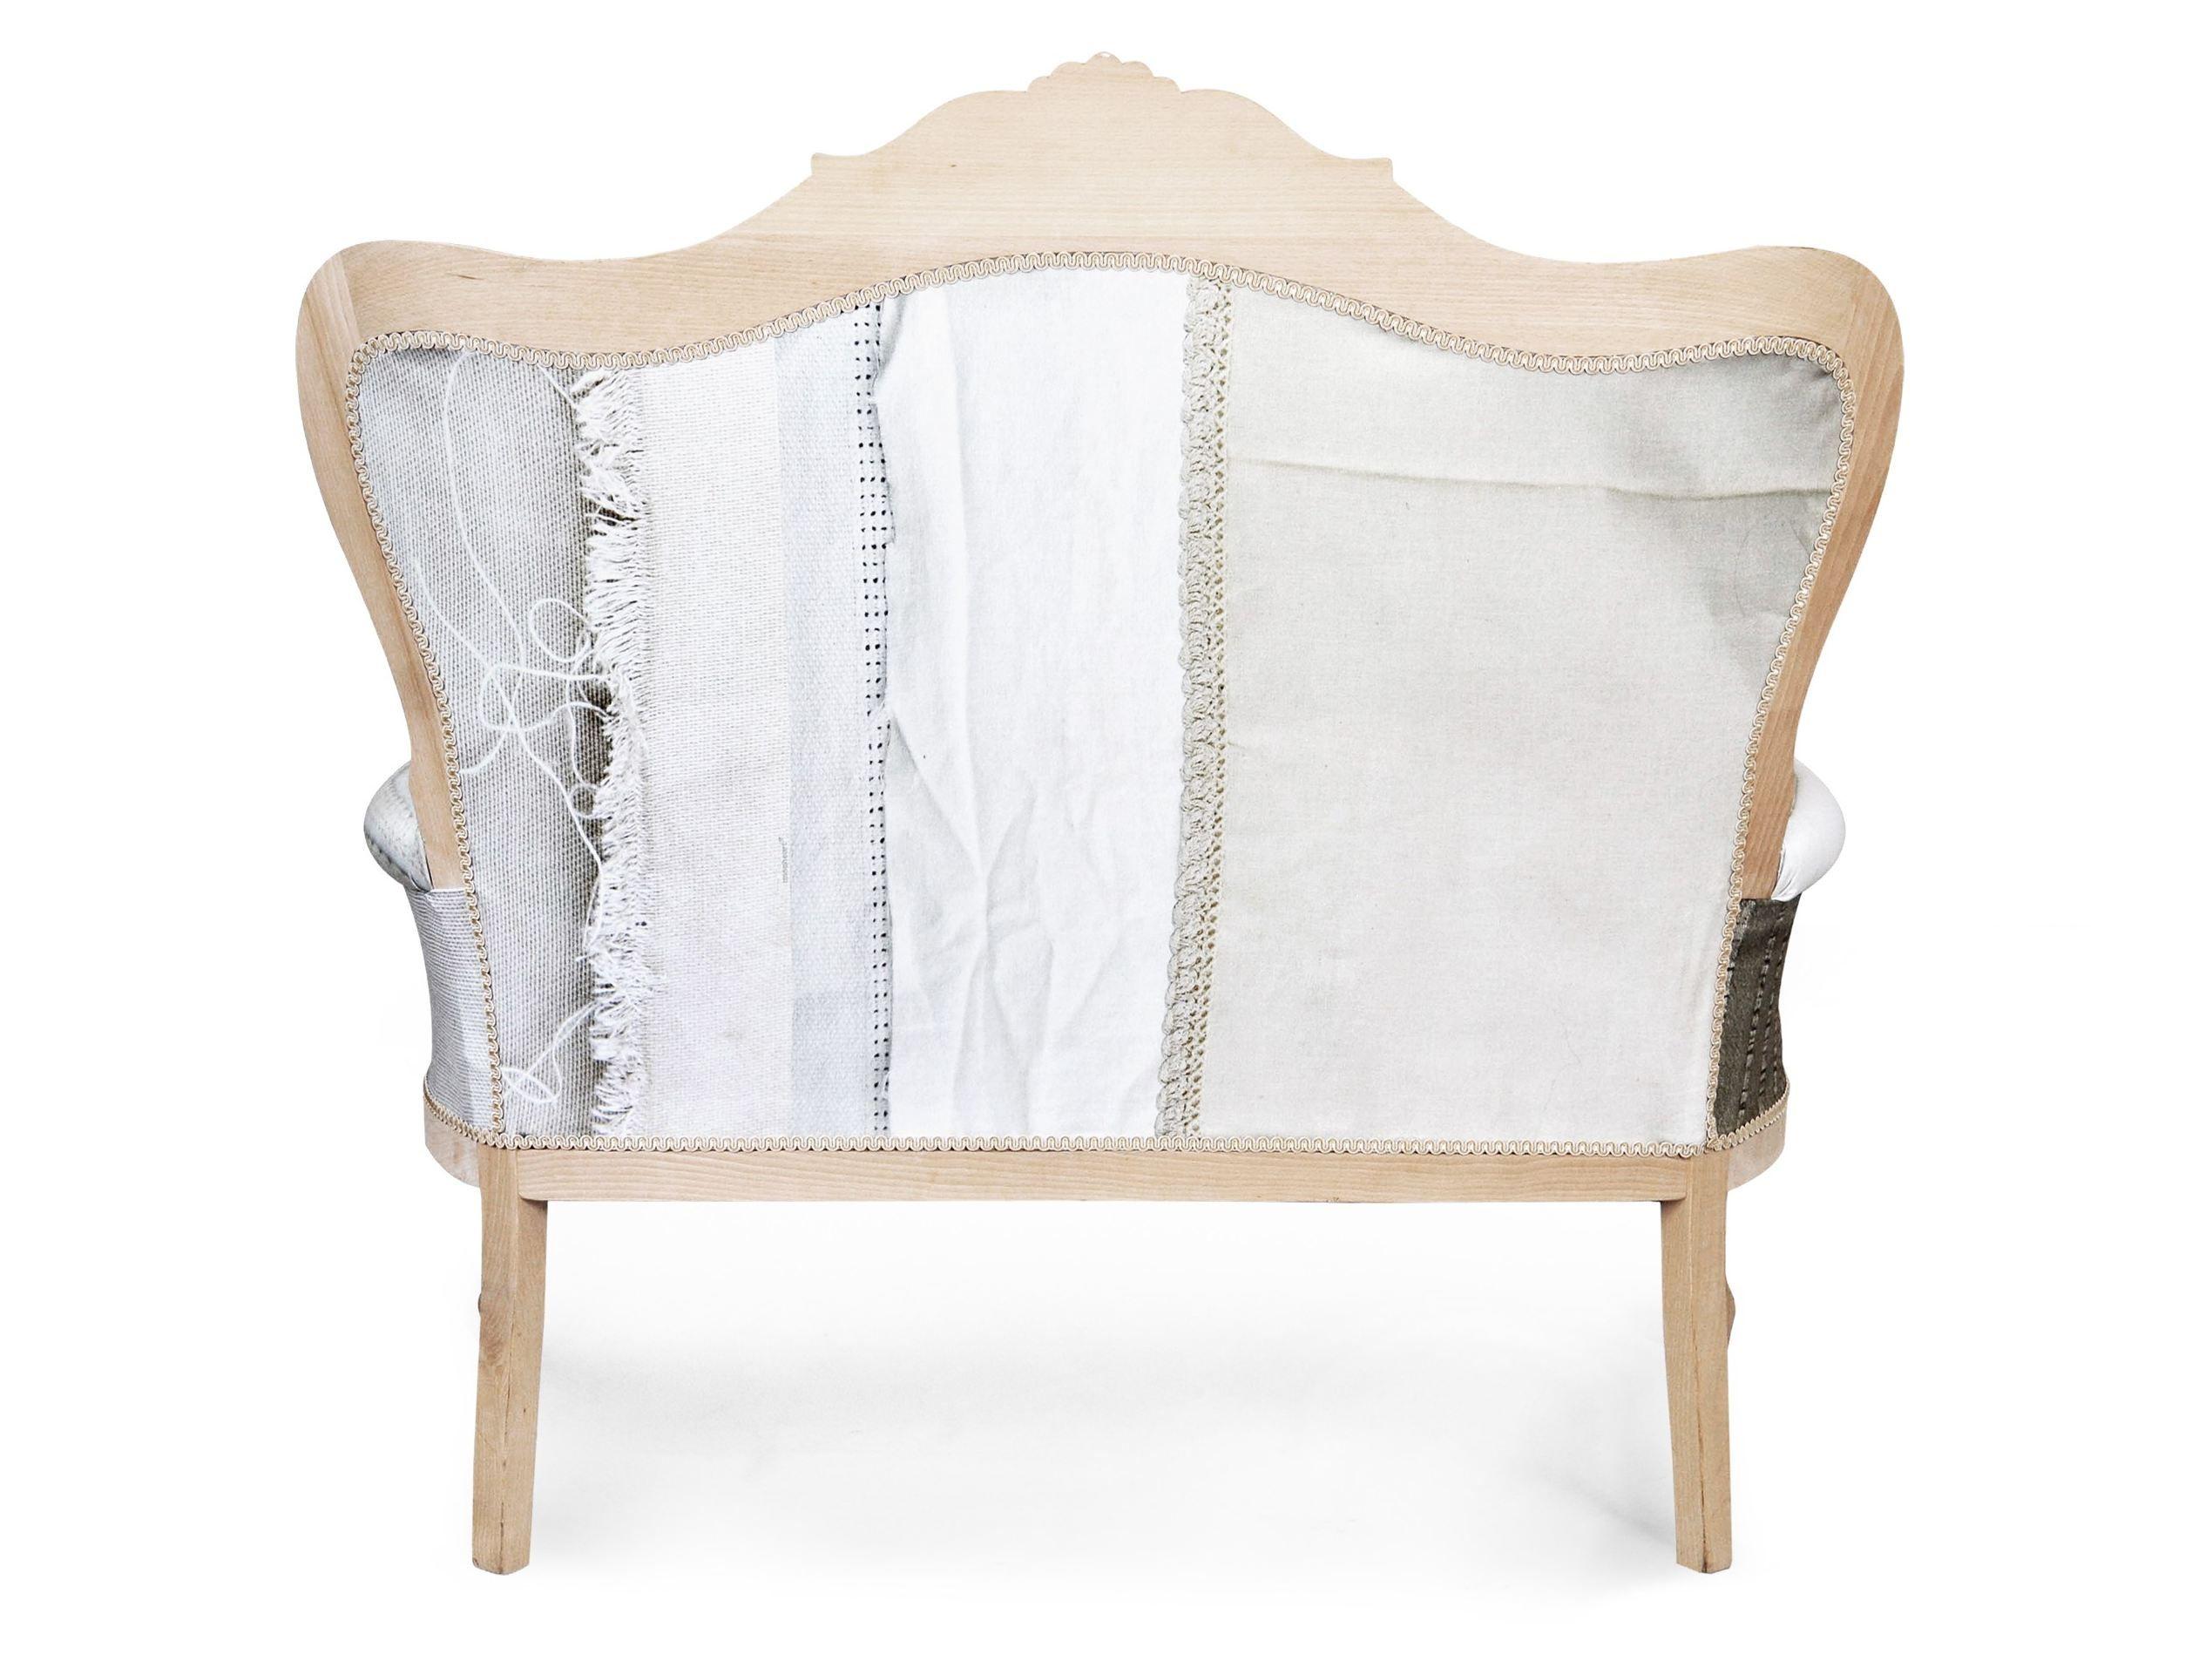 Fabric sofa SHABBY CHIC SOFA By Mineheart